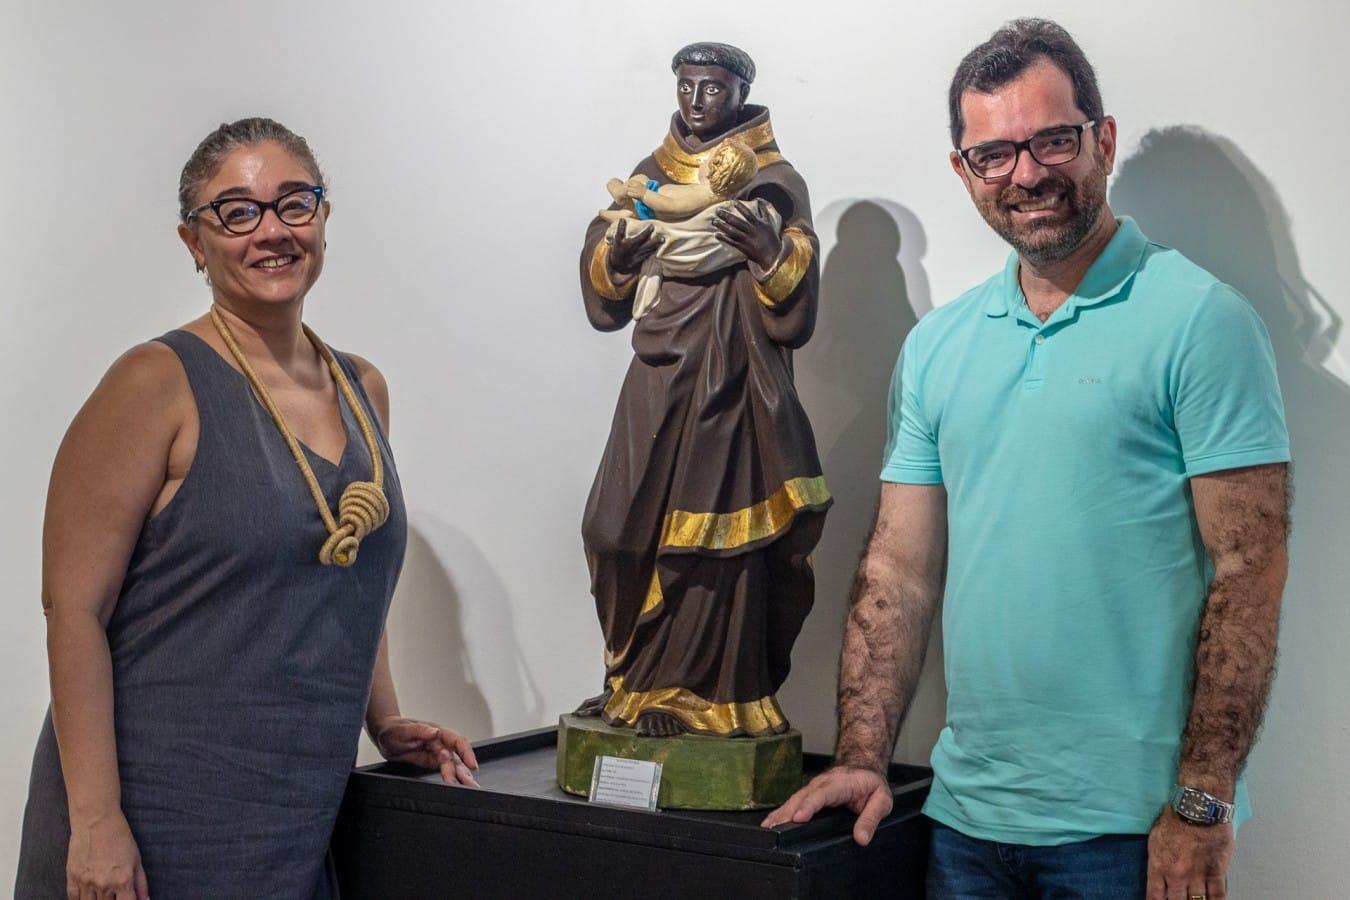 Maspe @Felipe Bezerra 6111 - Maspe planeja exposição com santos negros